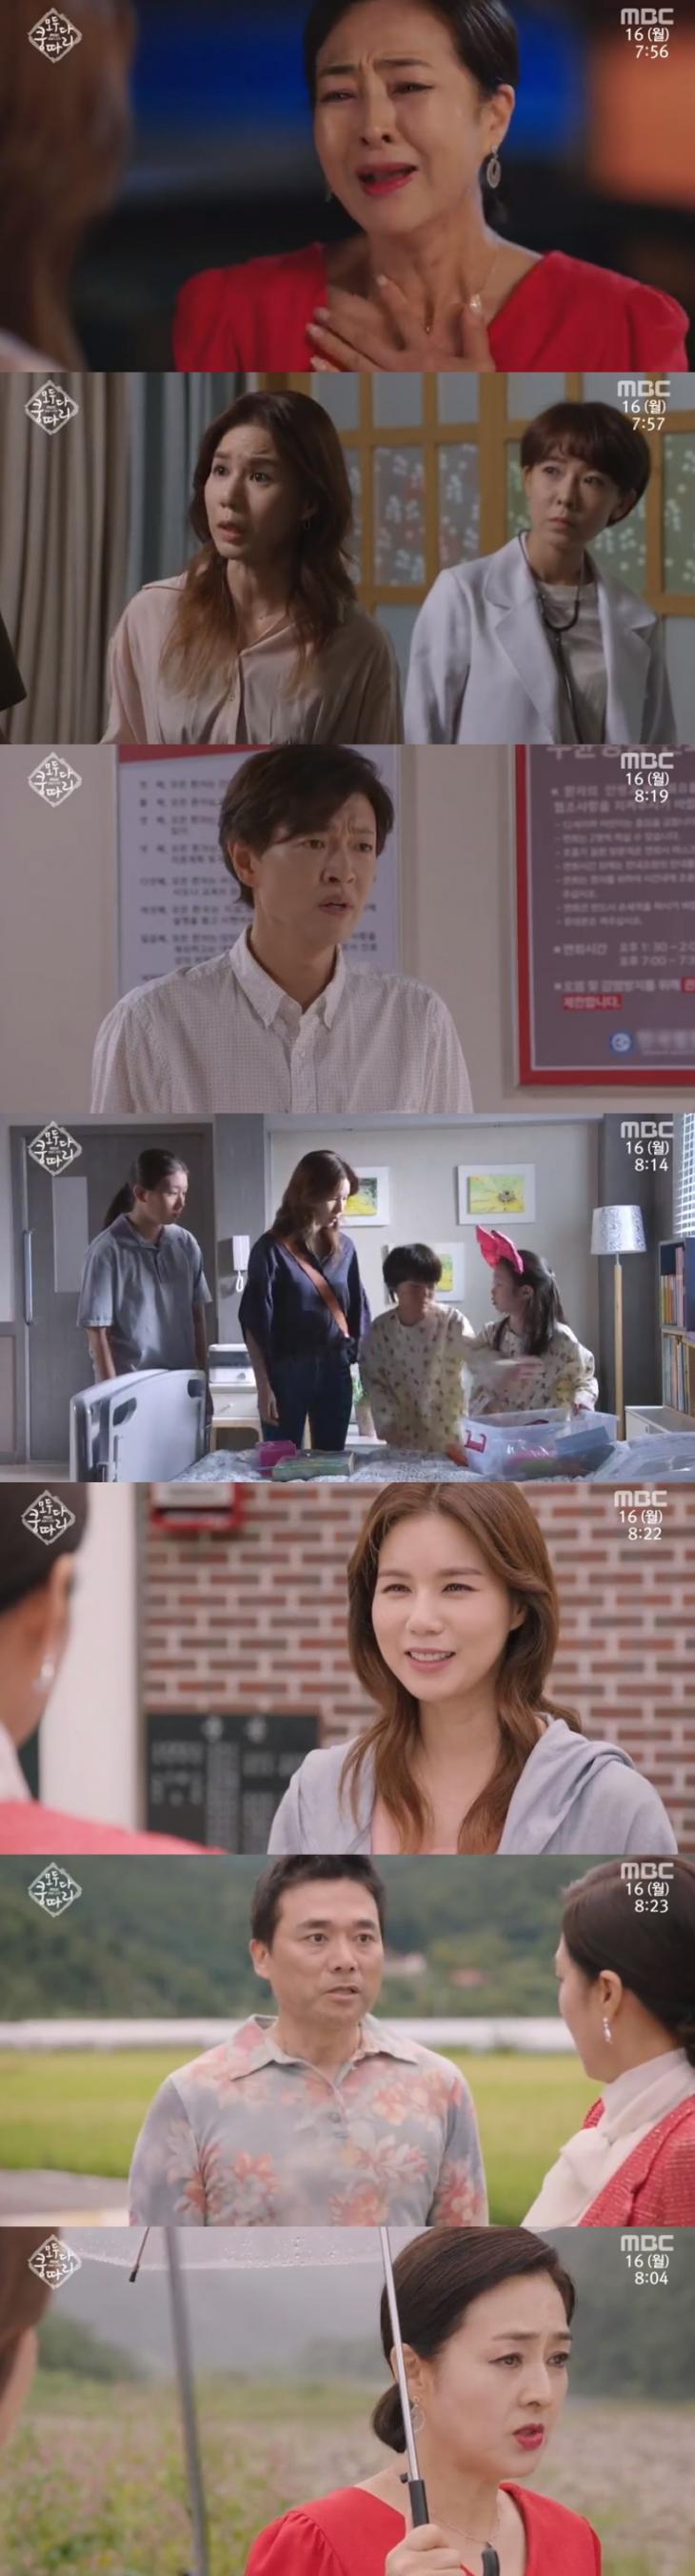 이보희 박시은 김호진 / MBC '모두 다 쿵따리' 캡처